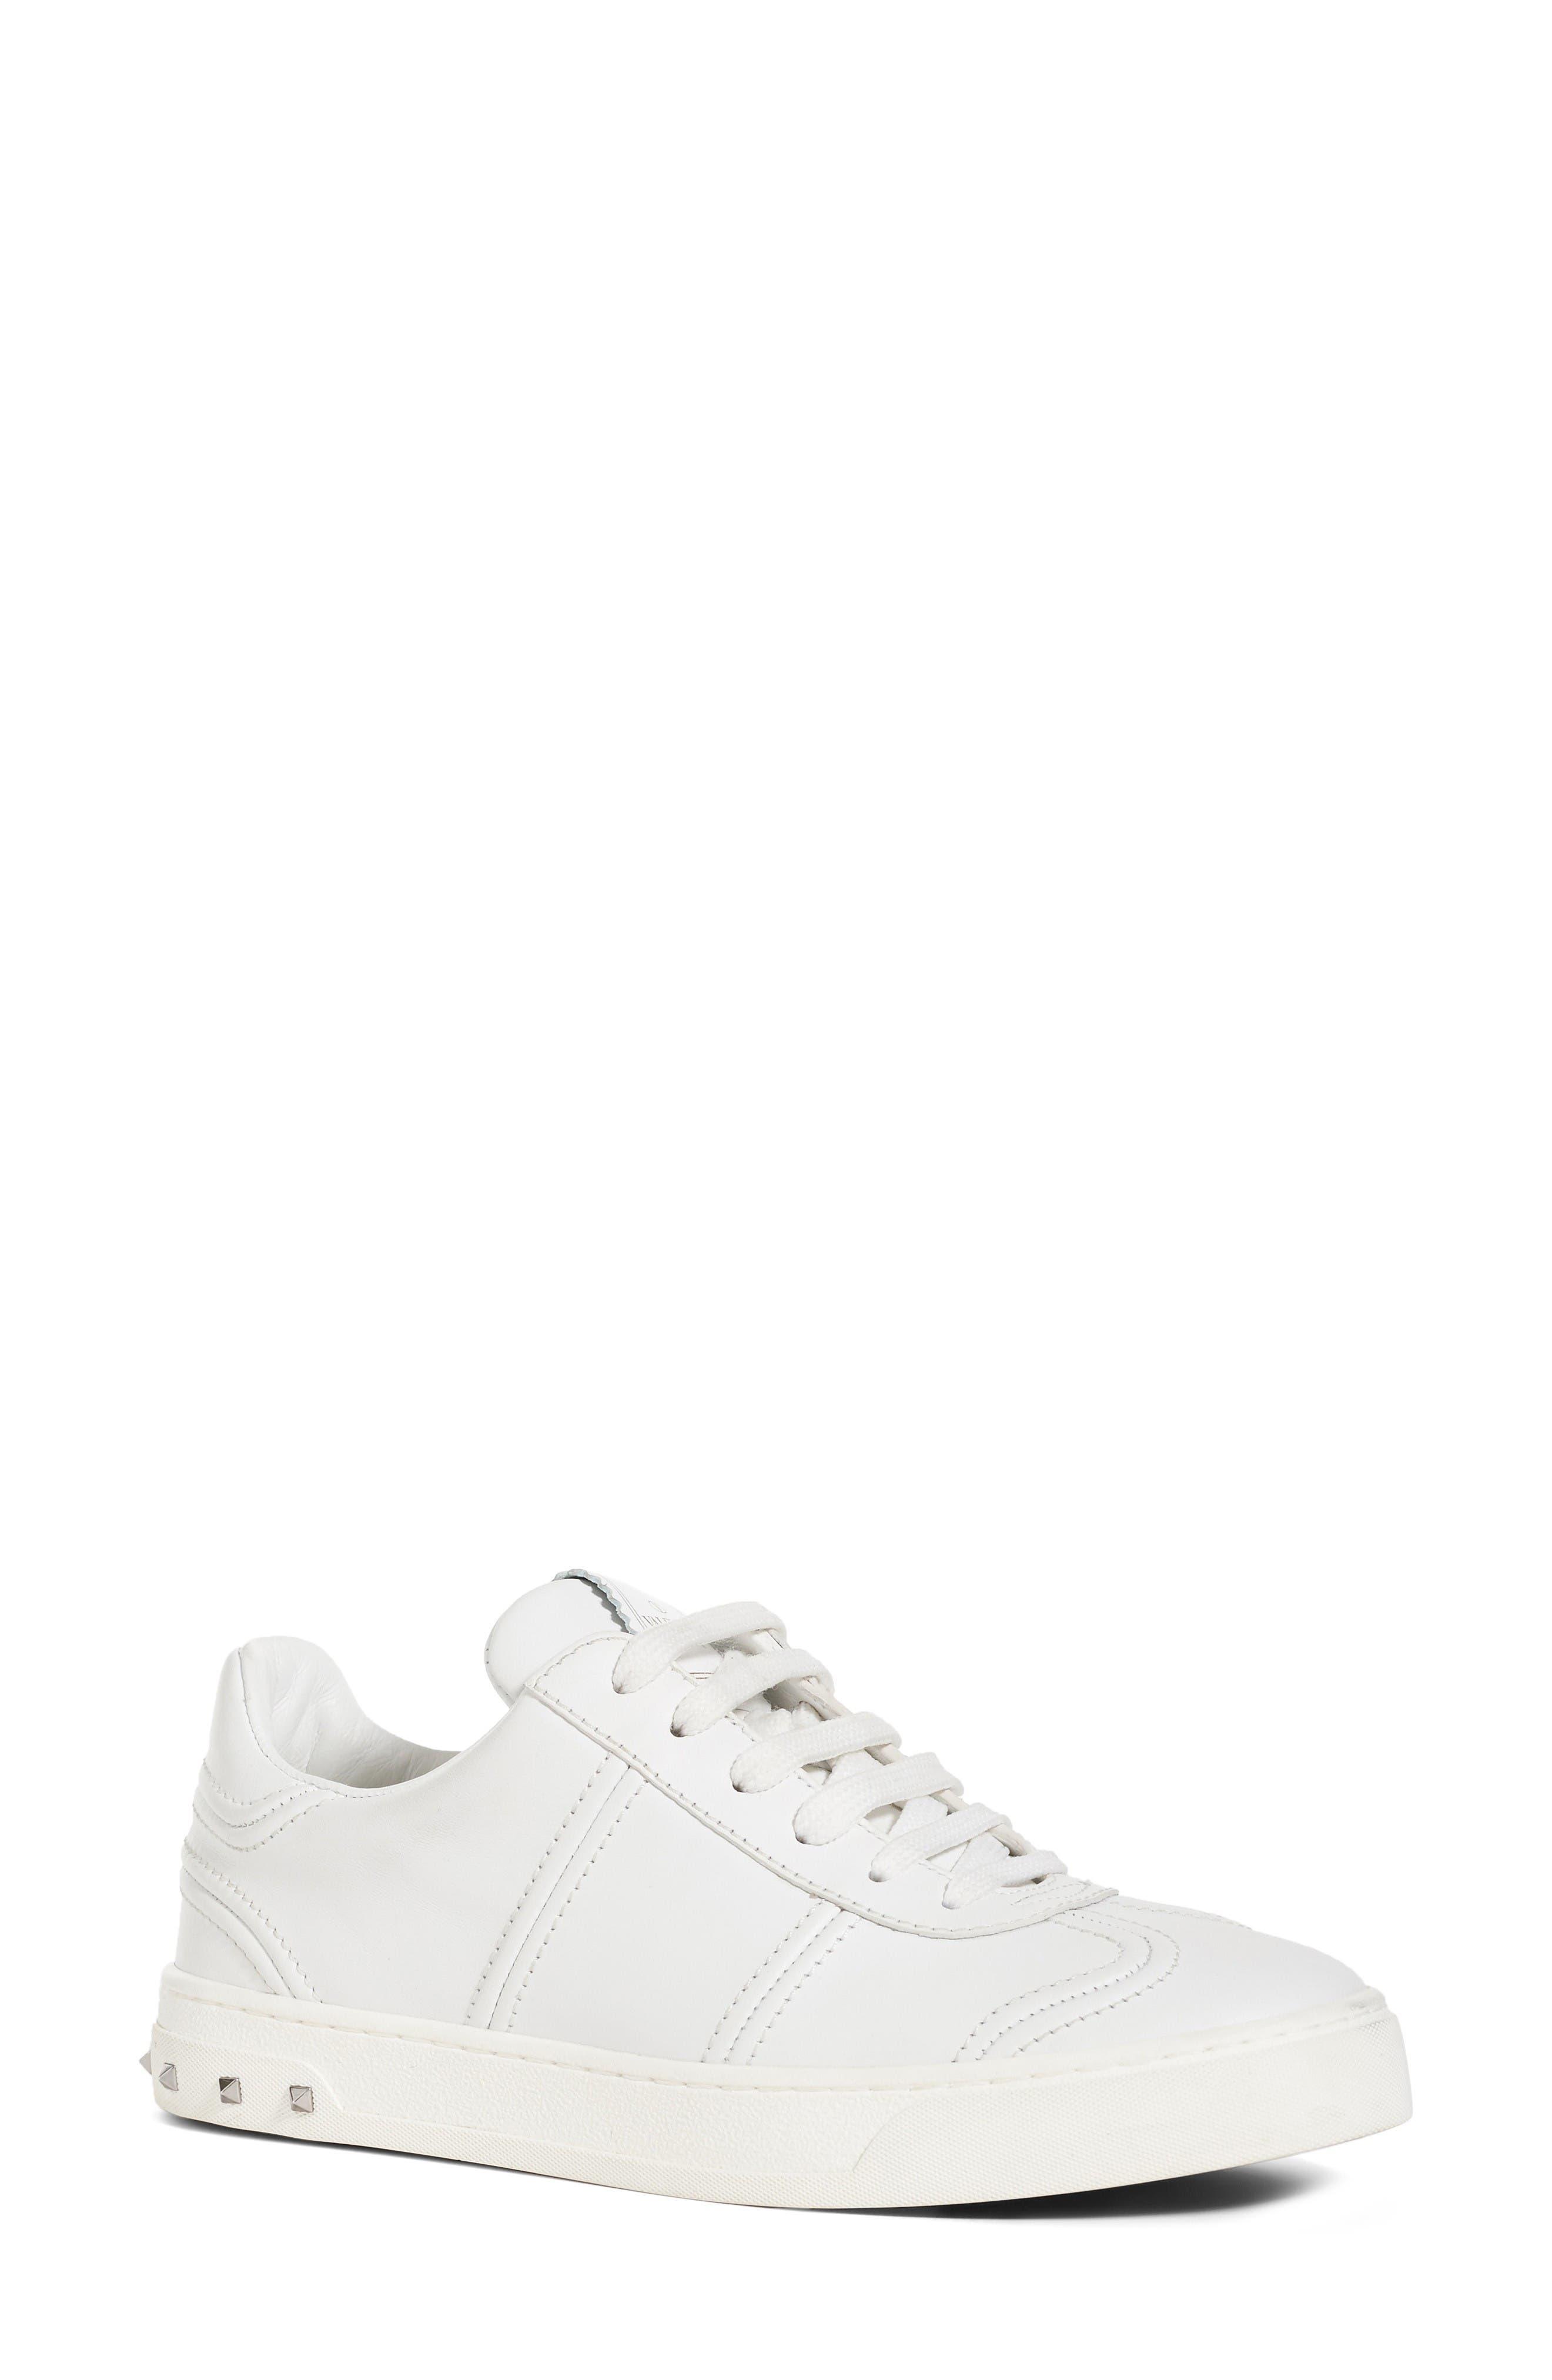 VALENTINO GARAVANI Flycrew Rockstud Sneaker (Women)